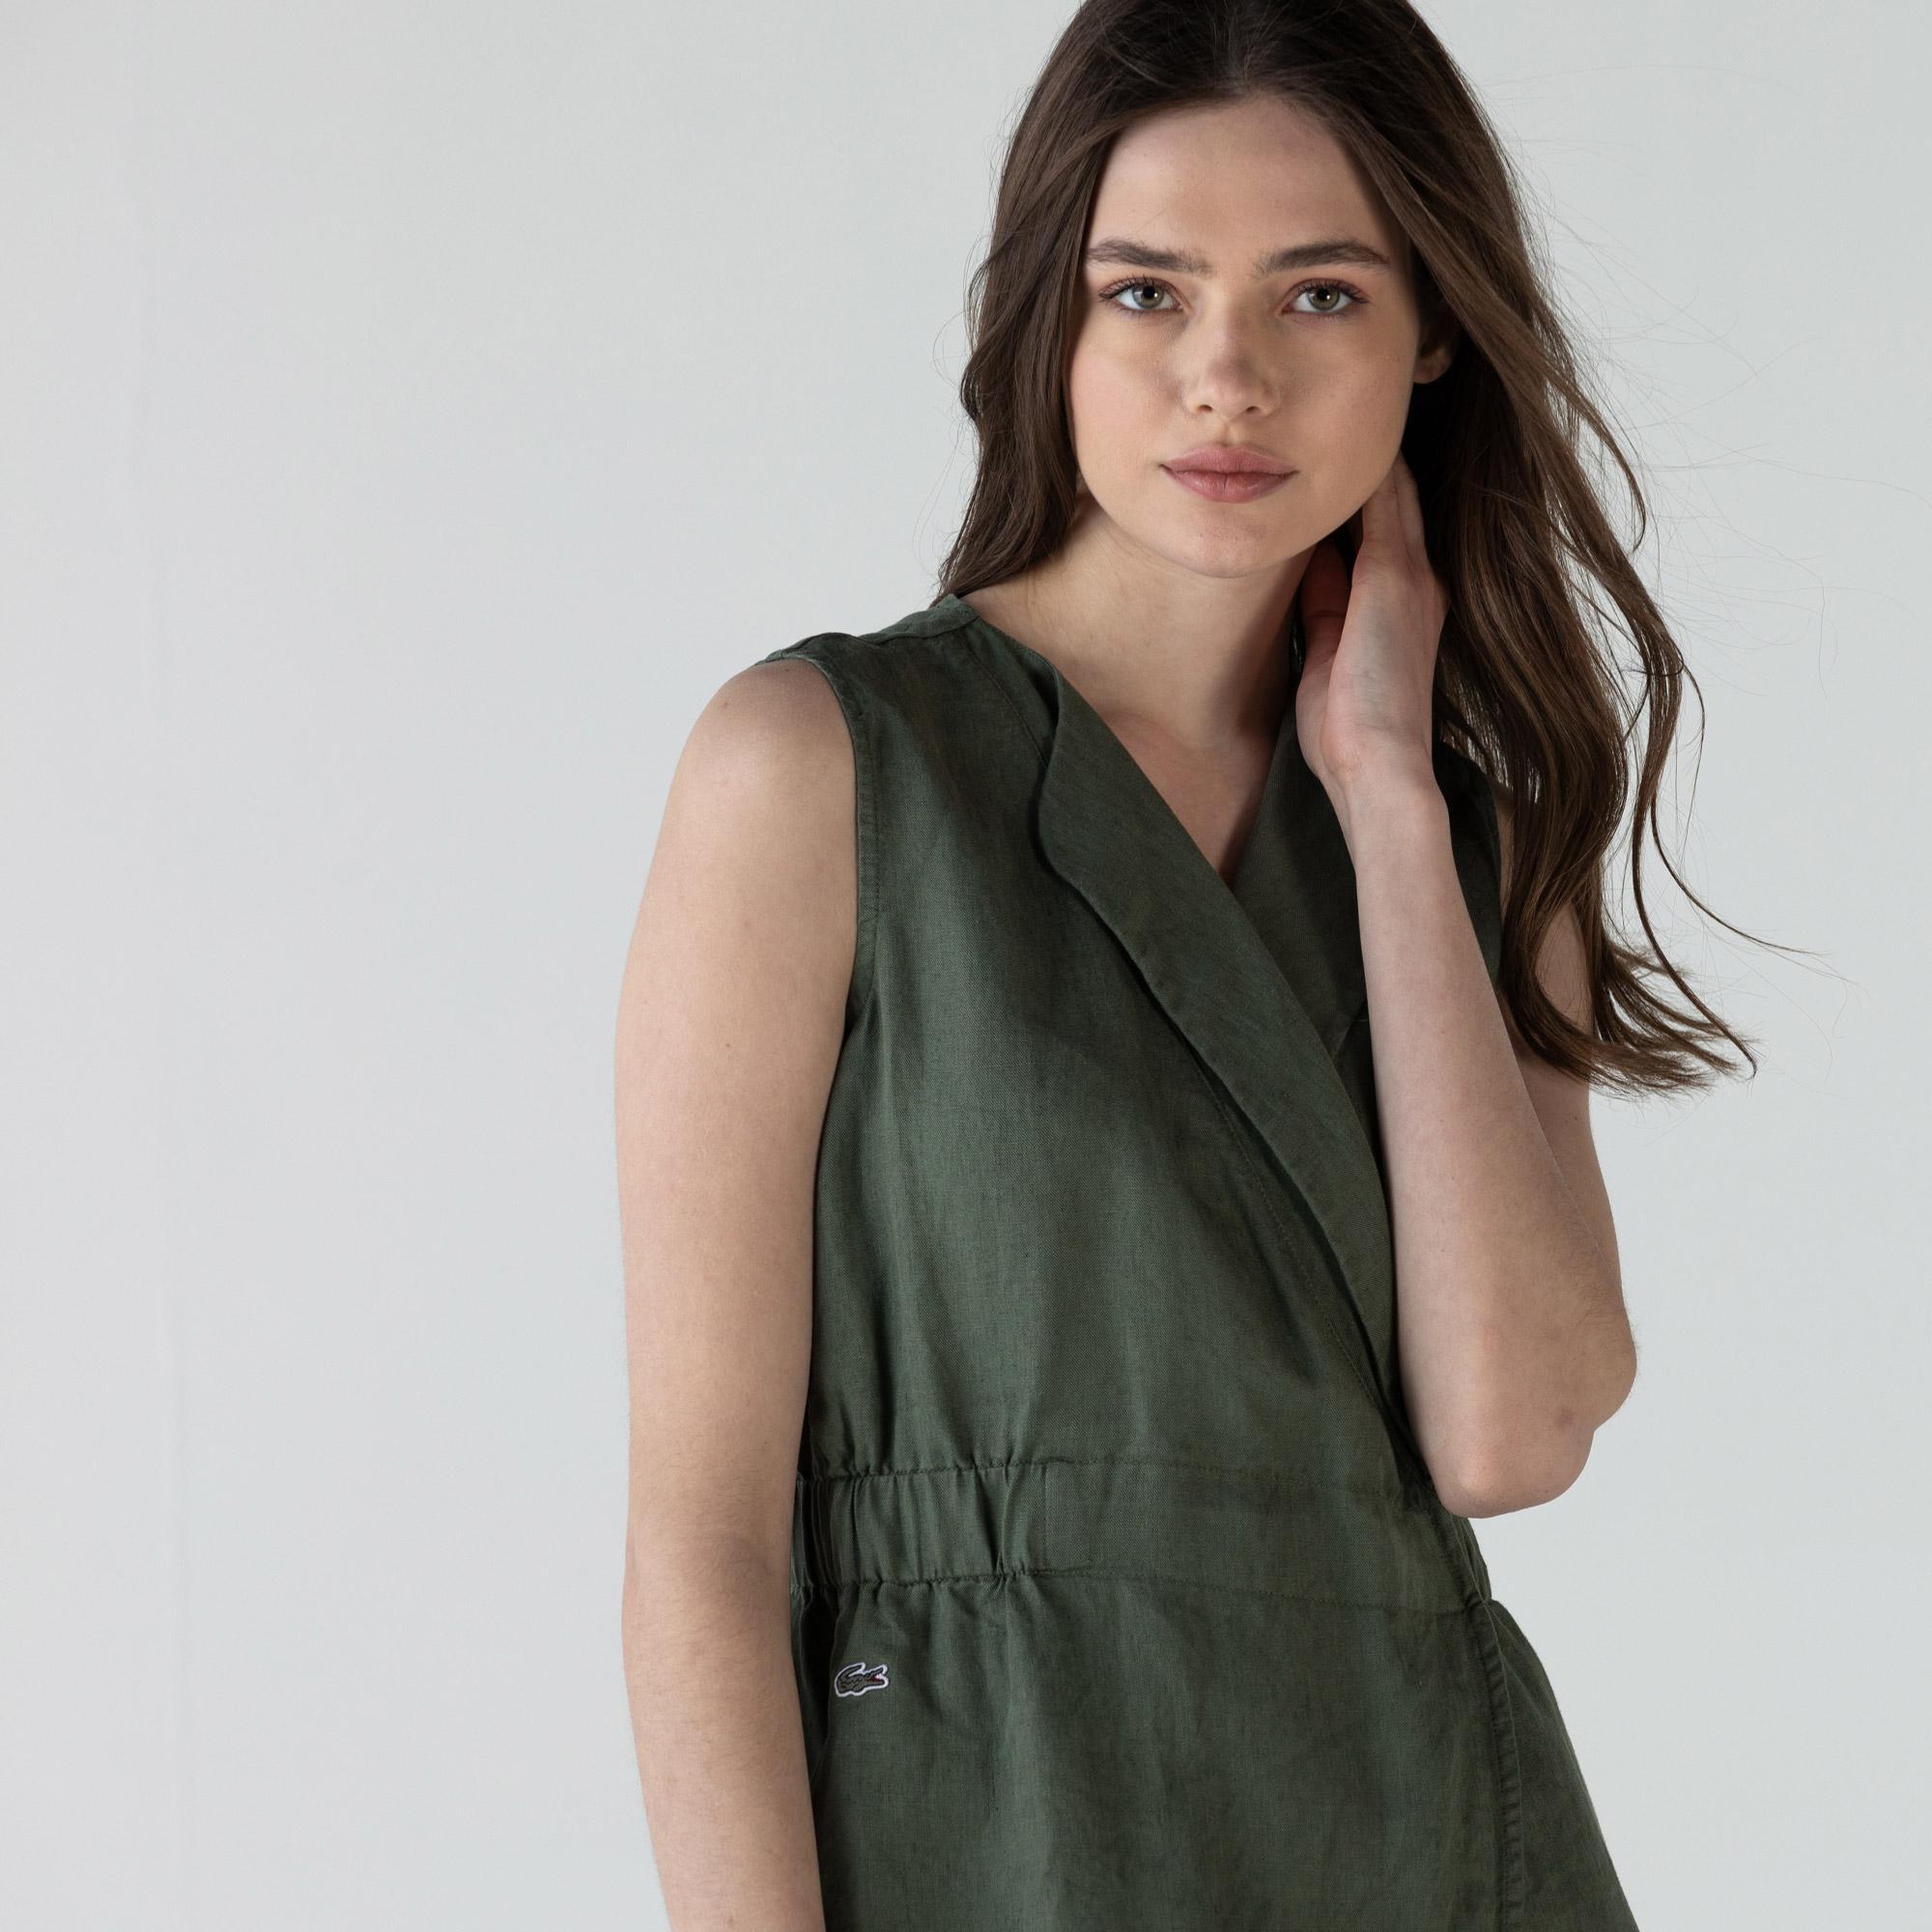 Lacoste Kadın Kruvaze Kolsuz Haki Keten Elbise